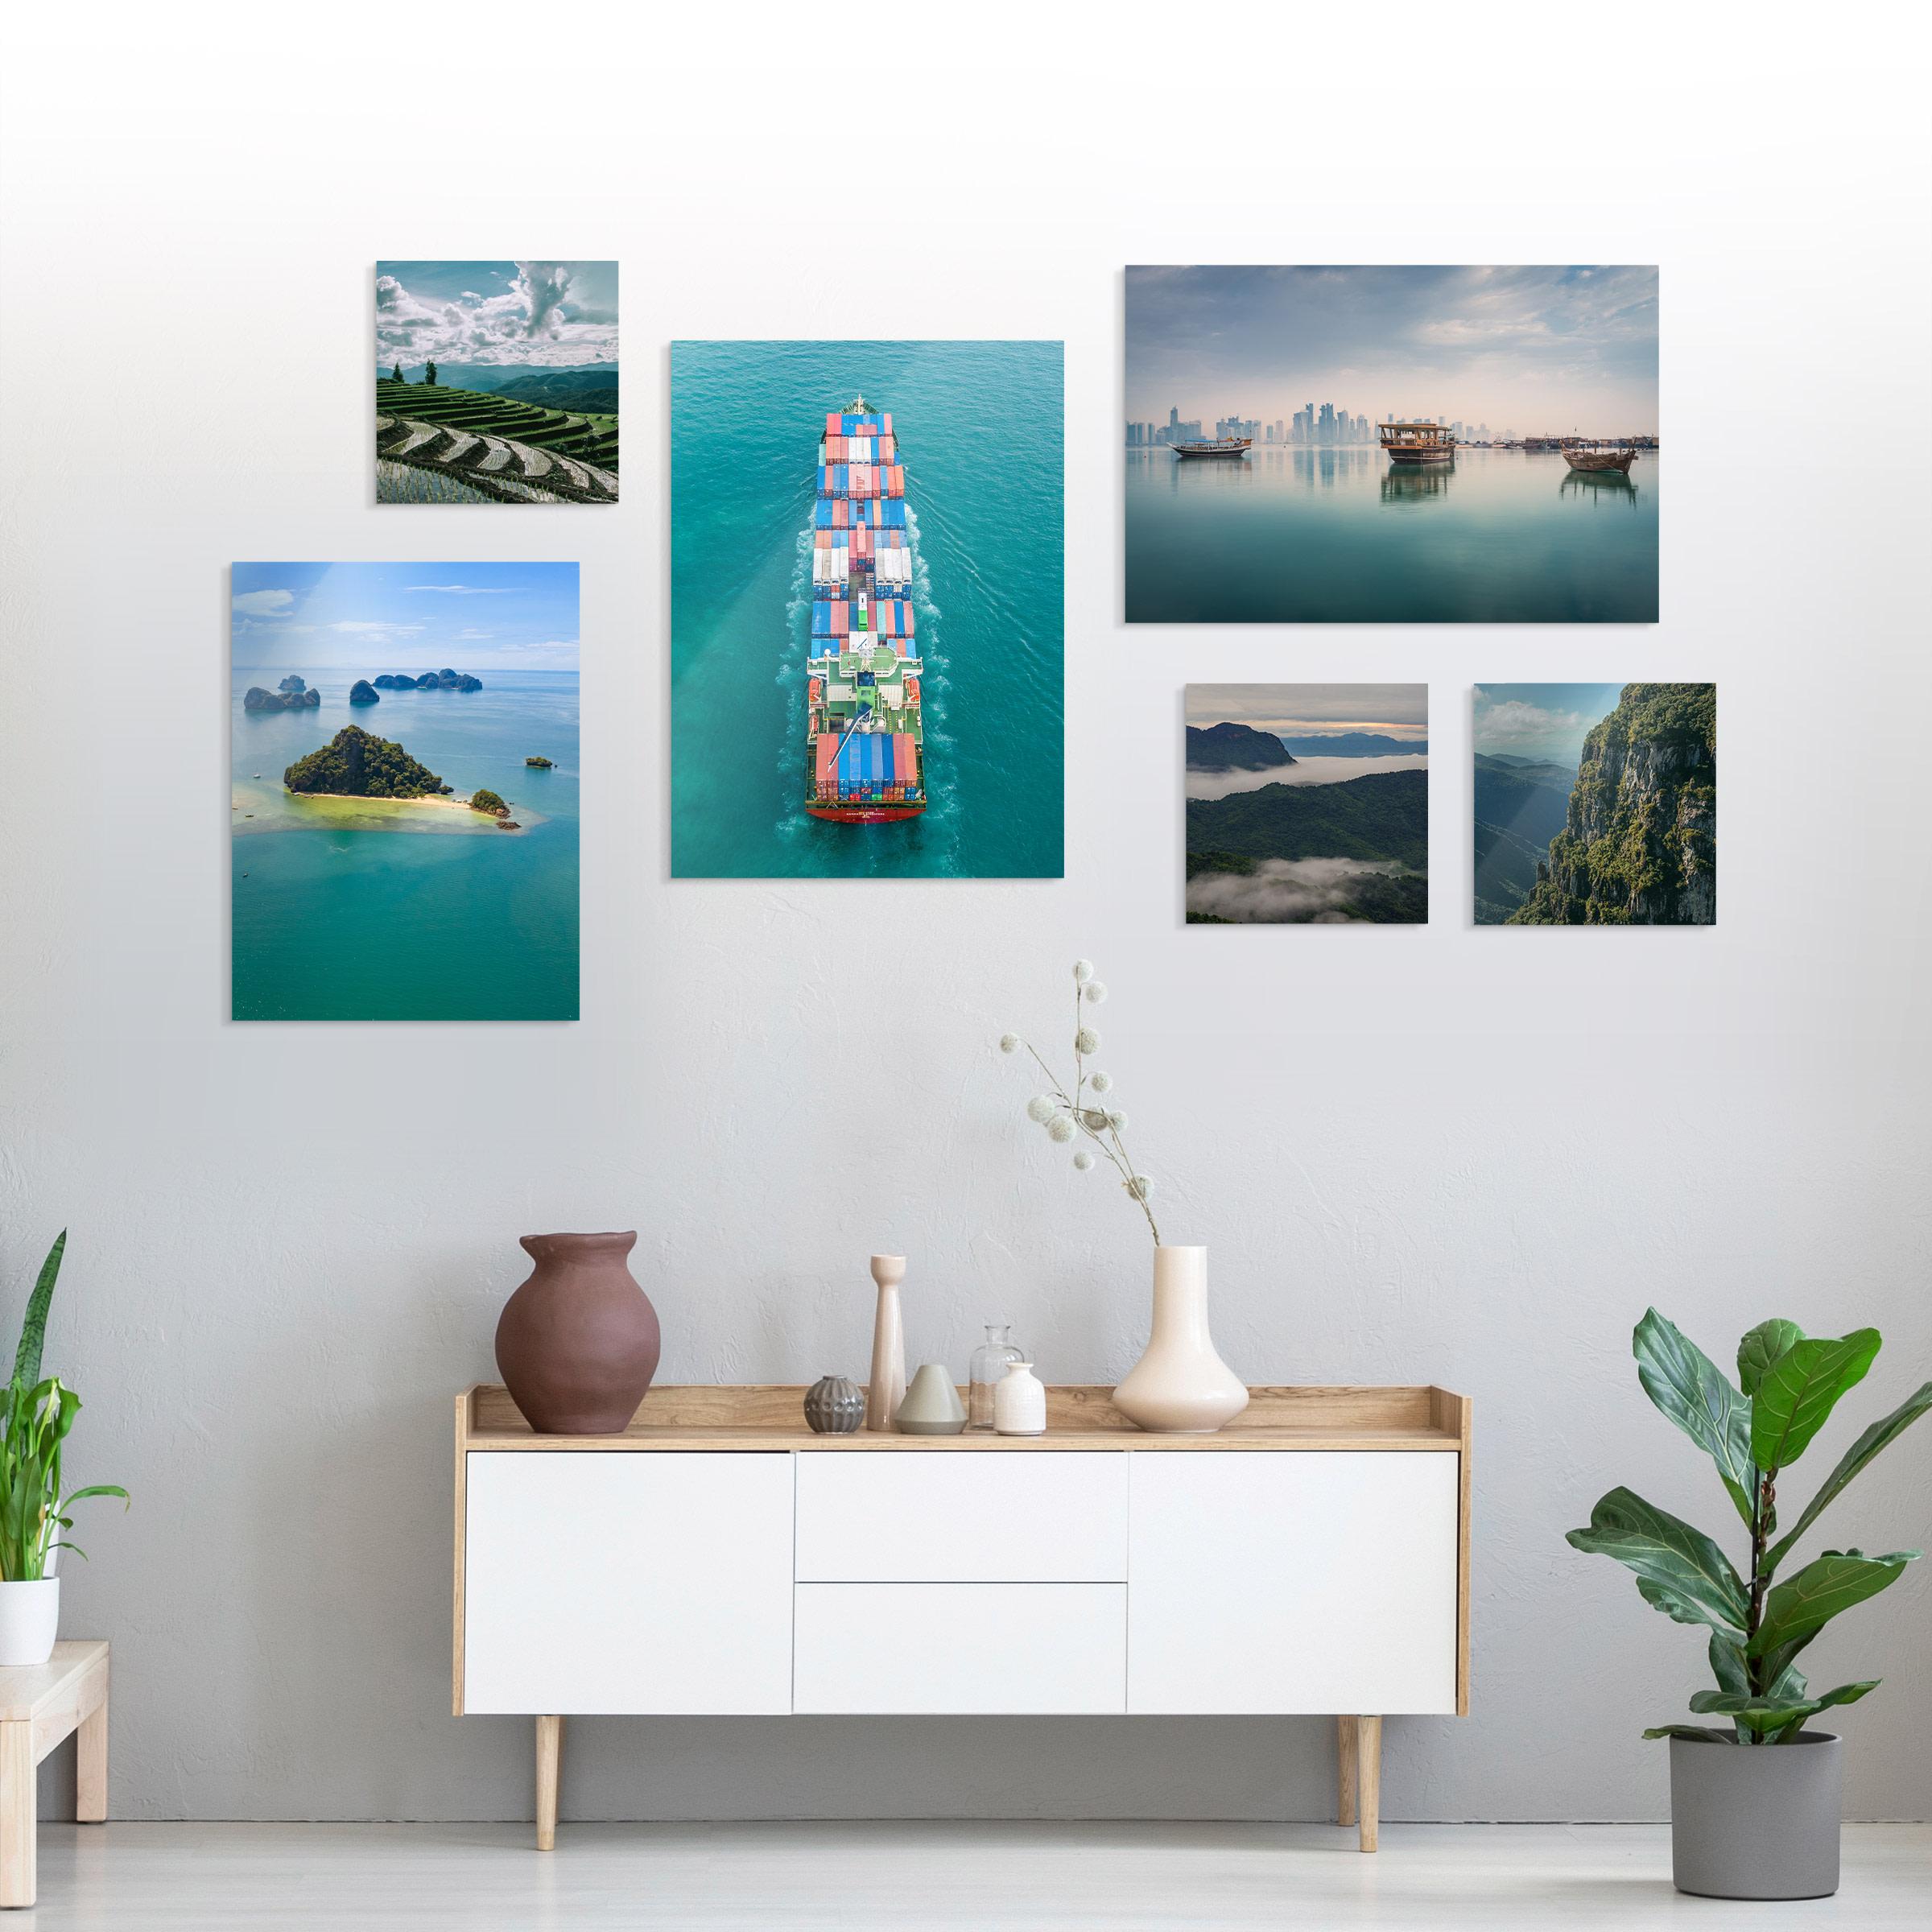 echter-fotoabzug-auf-aludibond-landschaft-inspiration-1200x1200.jpg